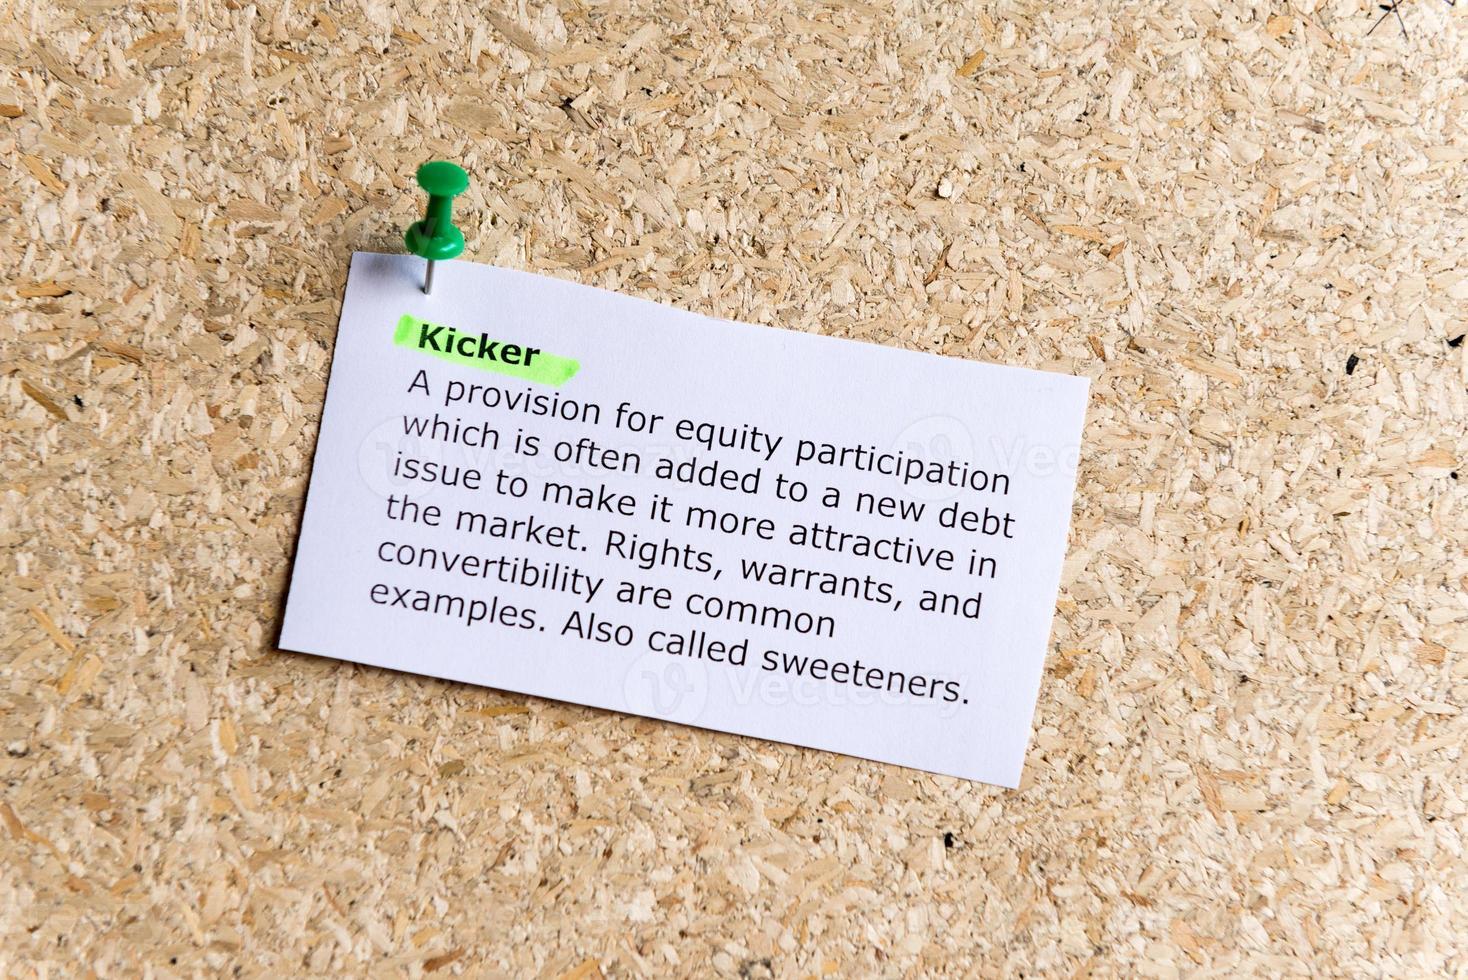 kicker photo